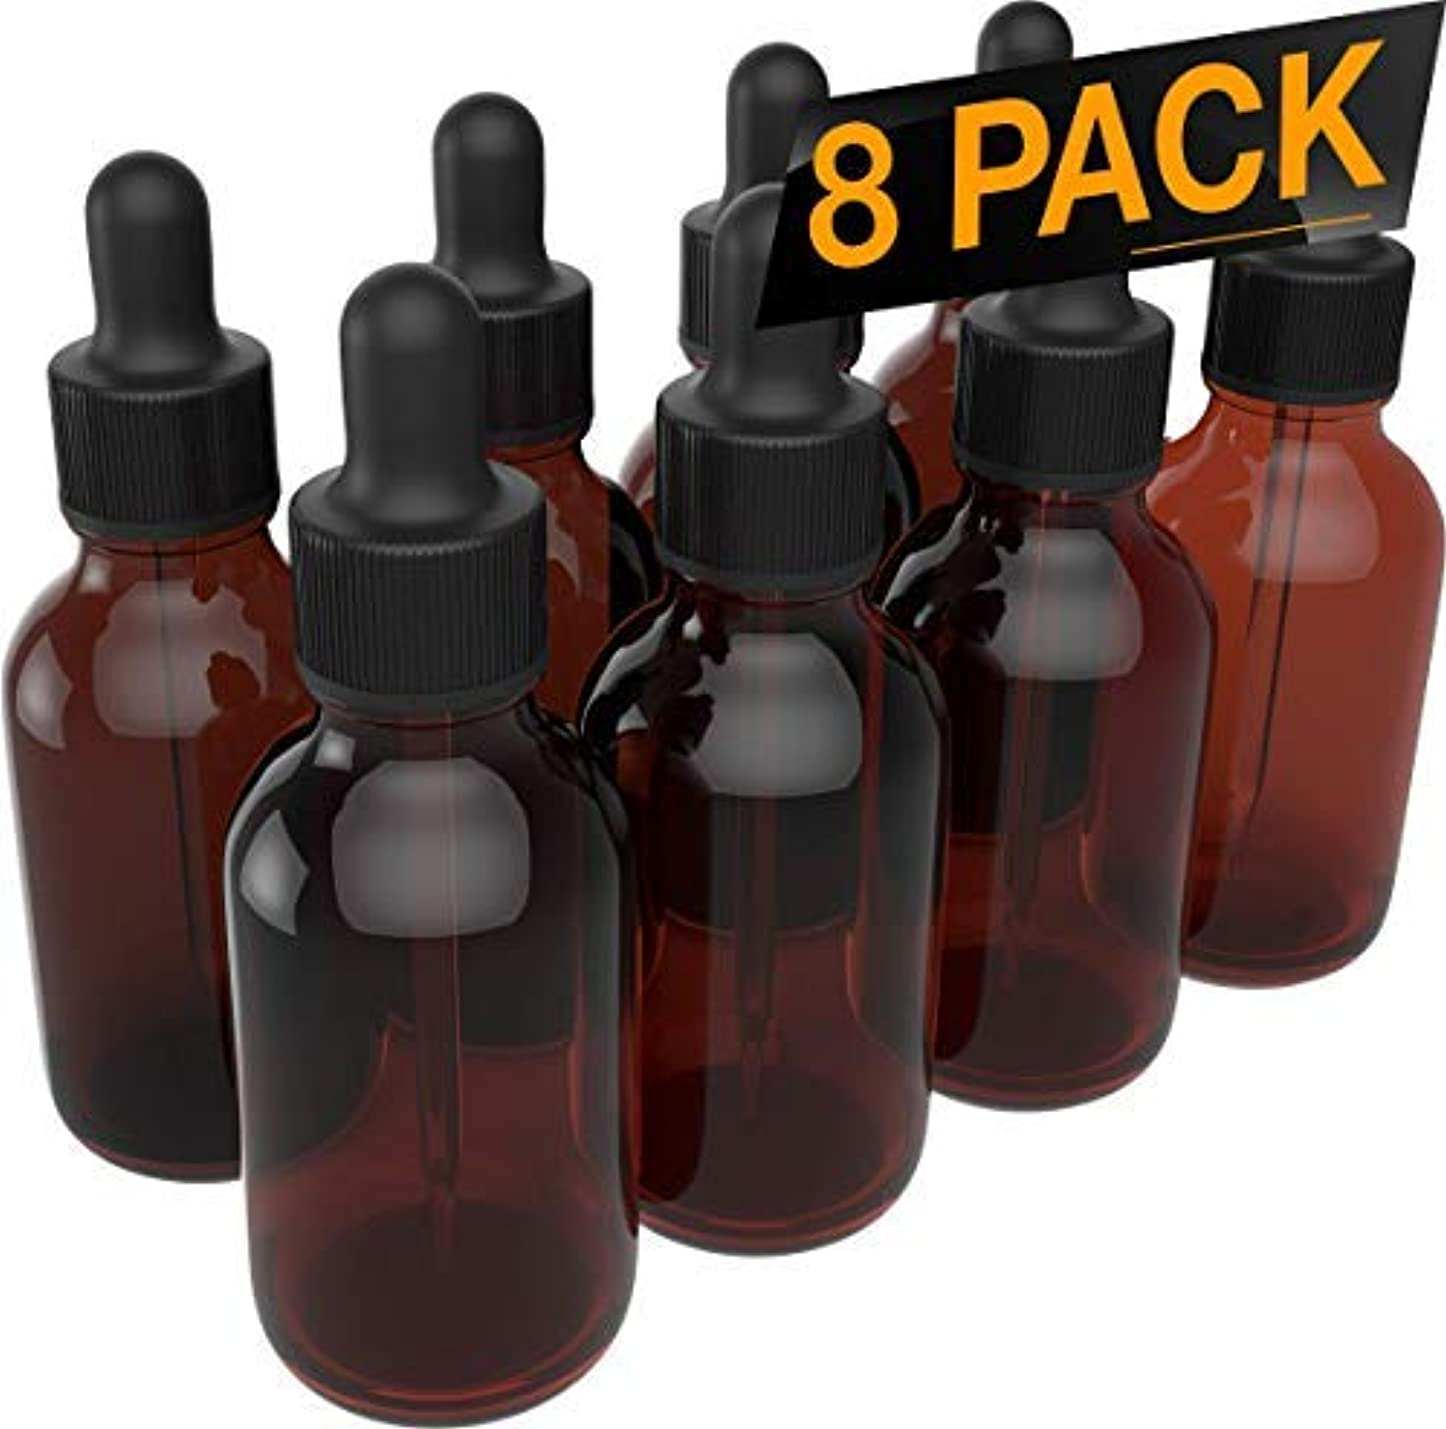 腹部整然としたミシン目8 Pack Essential Oil Dropper Bottles - Round Boston Empty Refillable Amber Bottle with Glass Dropper for Liquid...